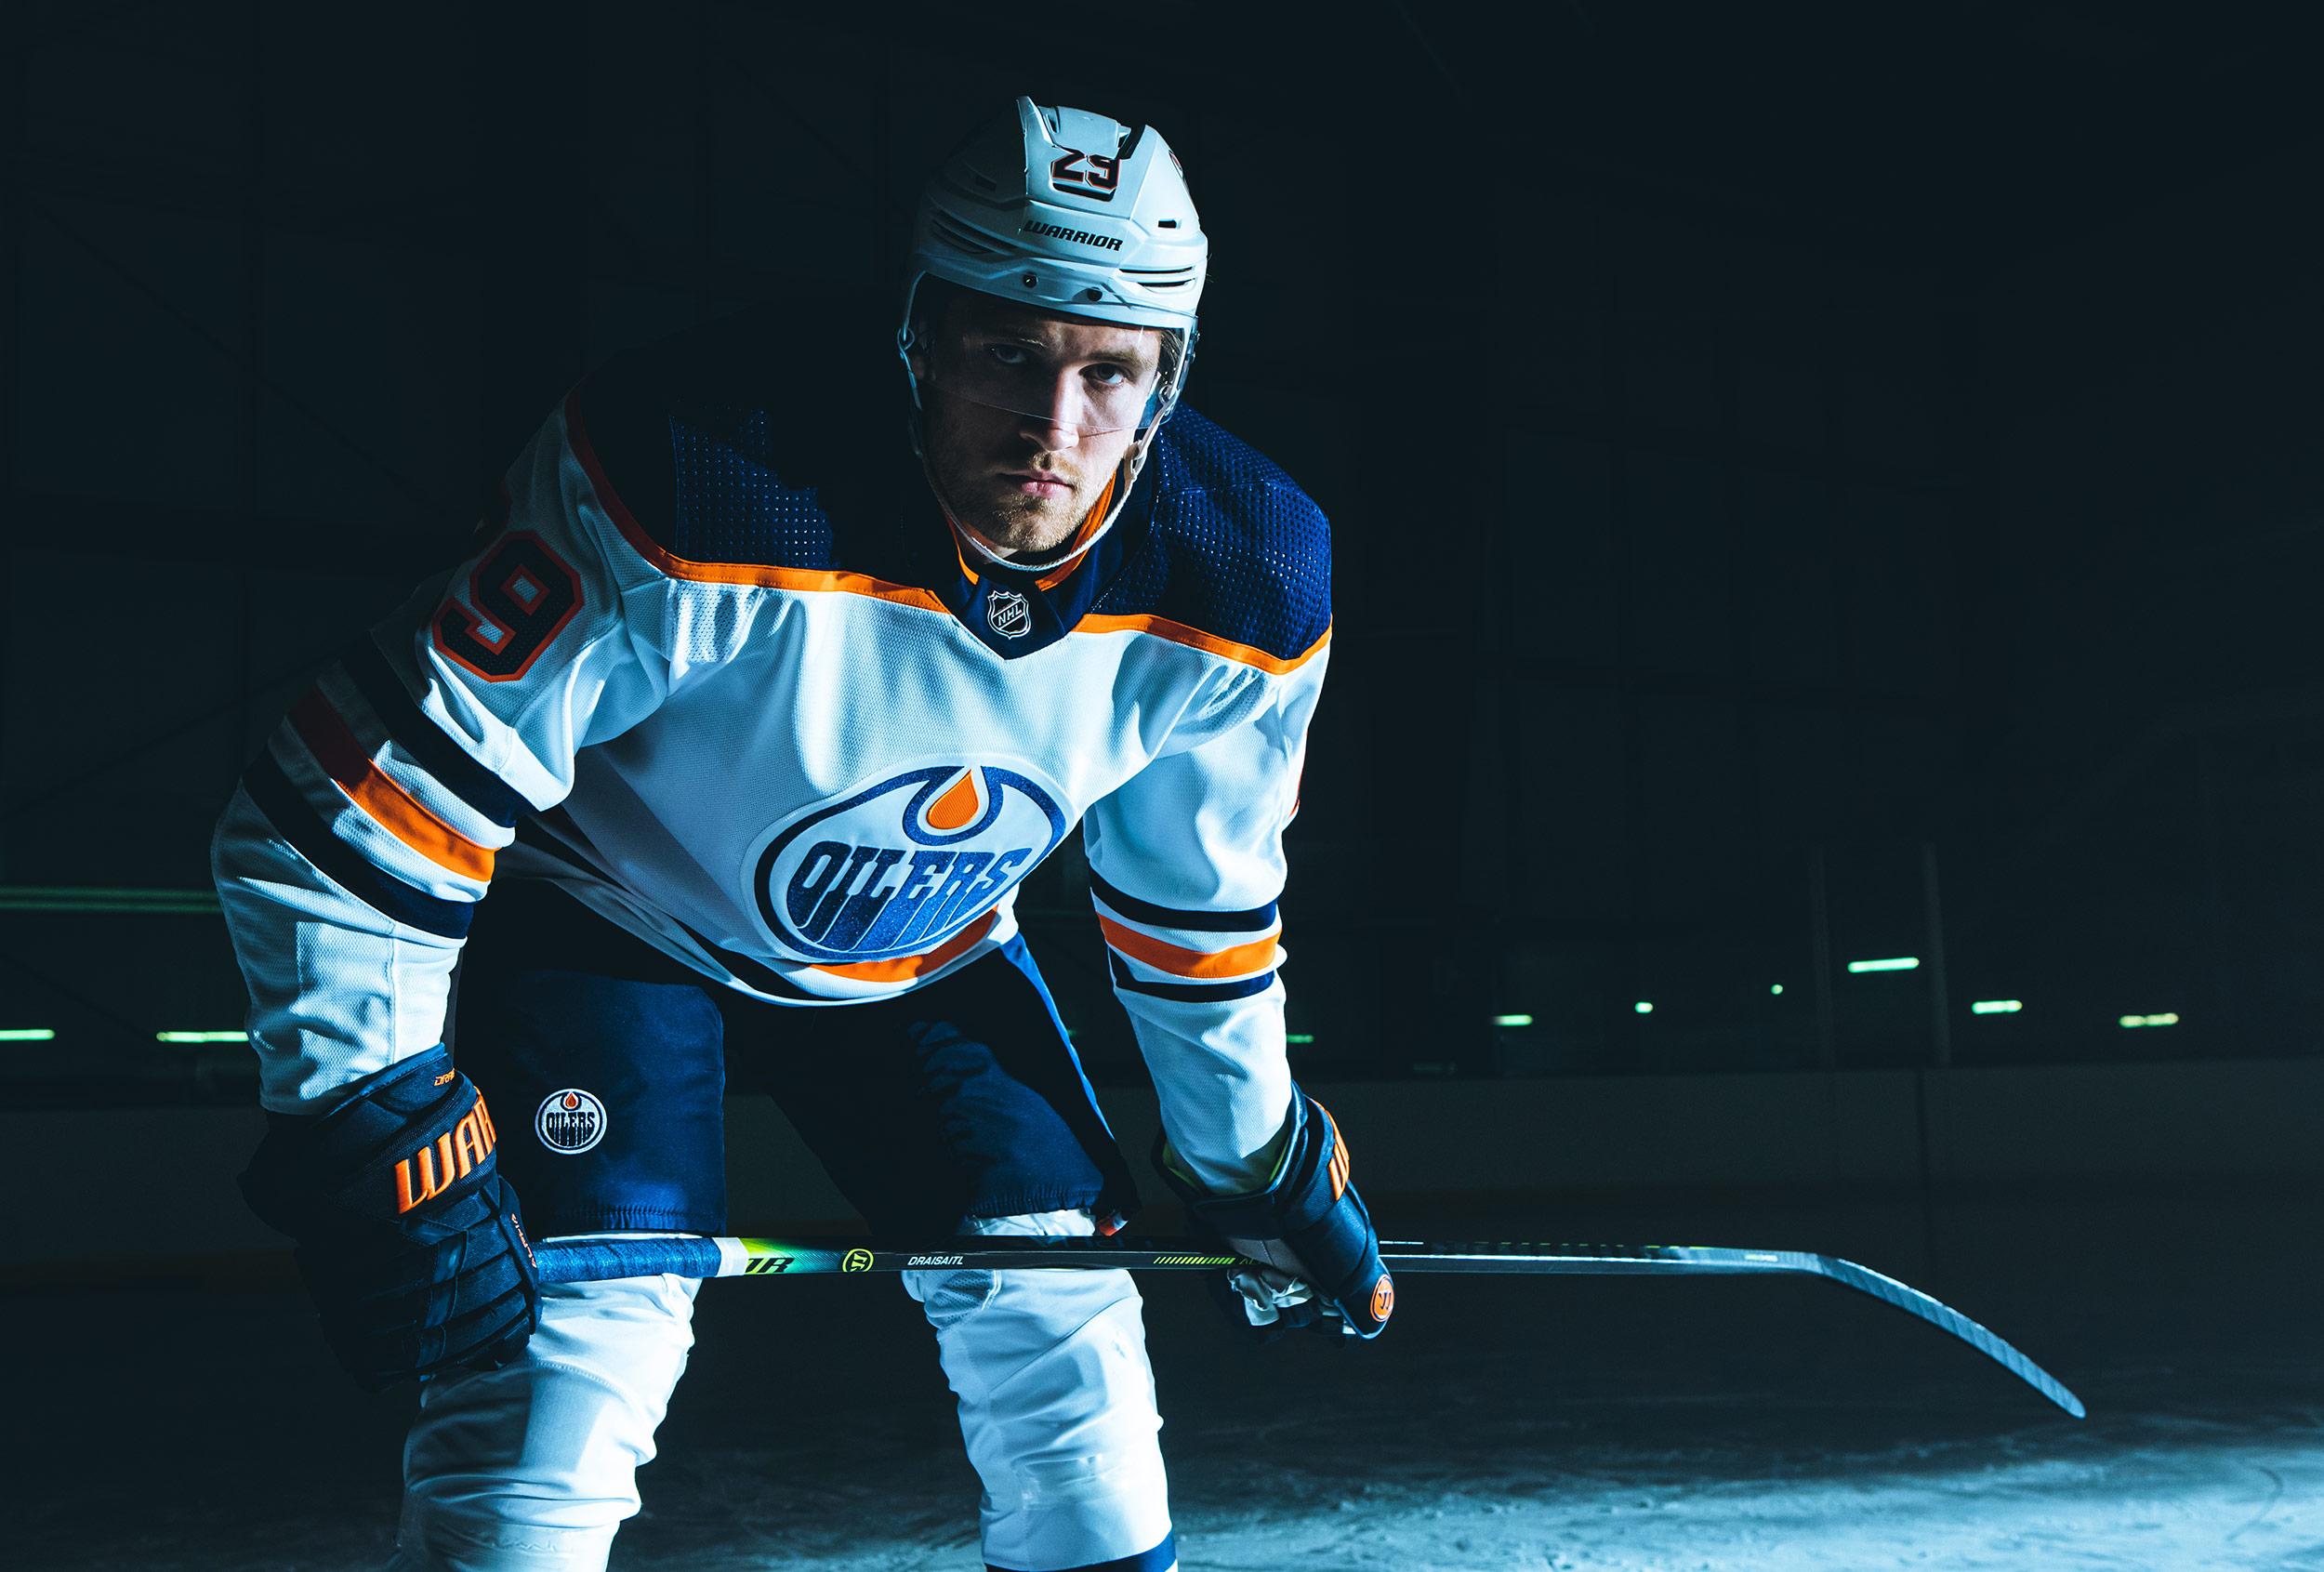 FAIR-FOLK-LEON-DRAISAITL-HOCKEY-NHL-2.jpg